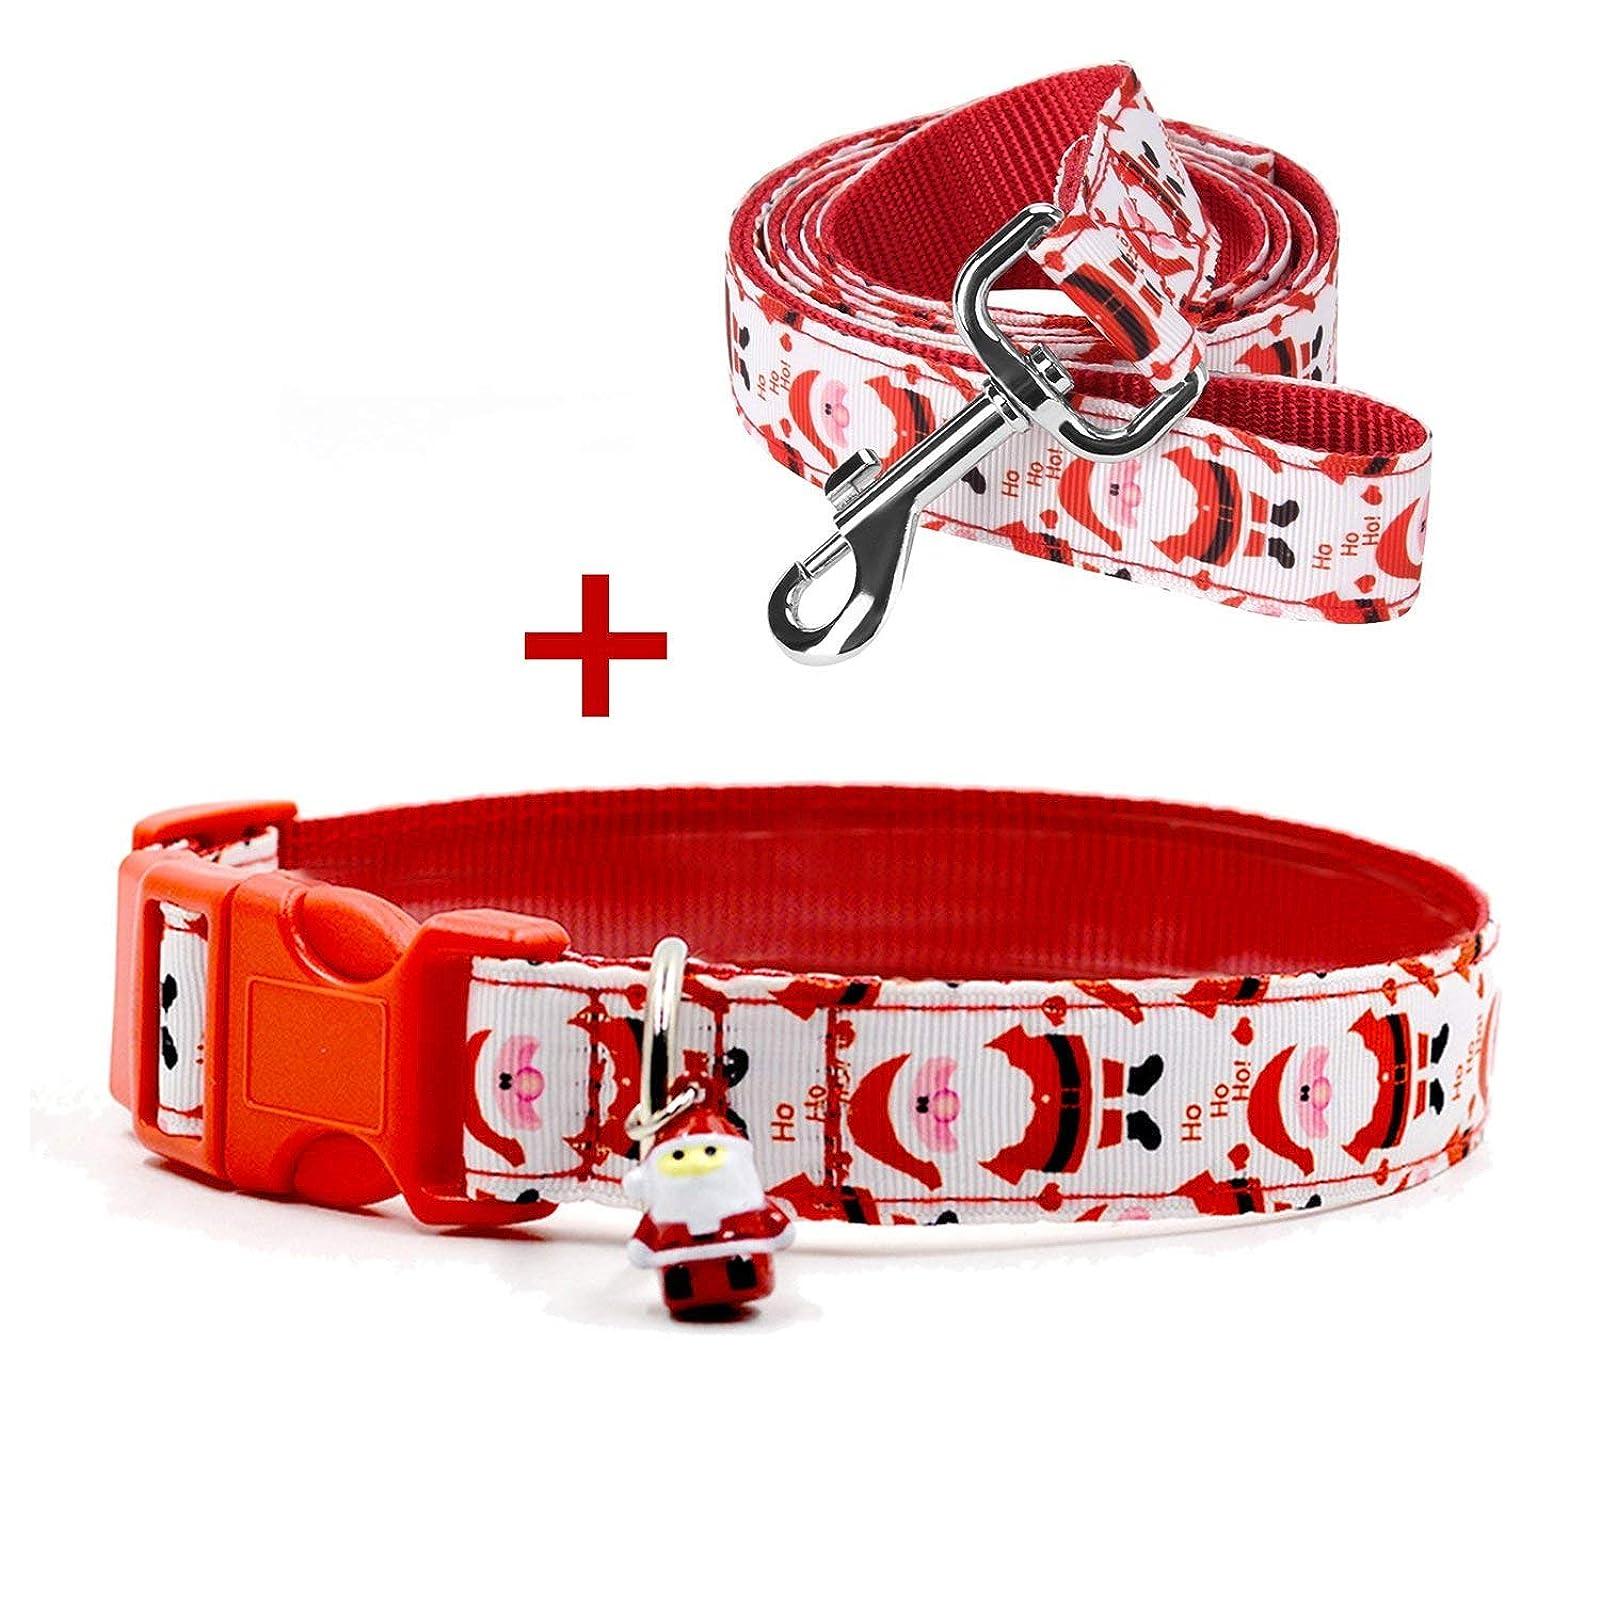 RYPET Christmas Dog Collar and Leash - Santa - 7